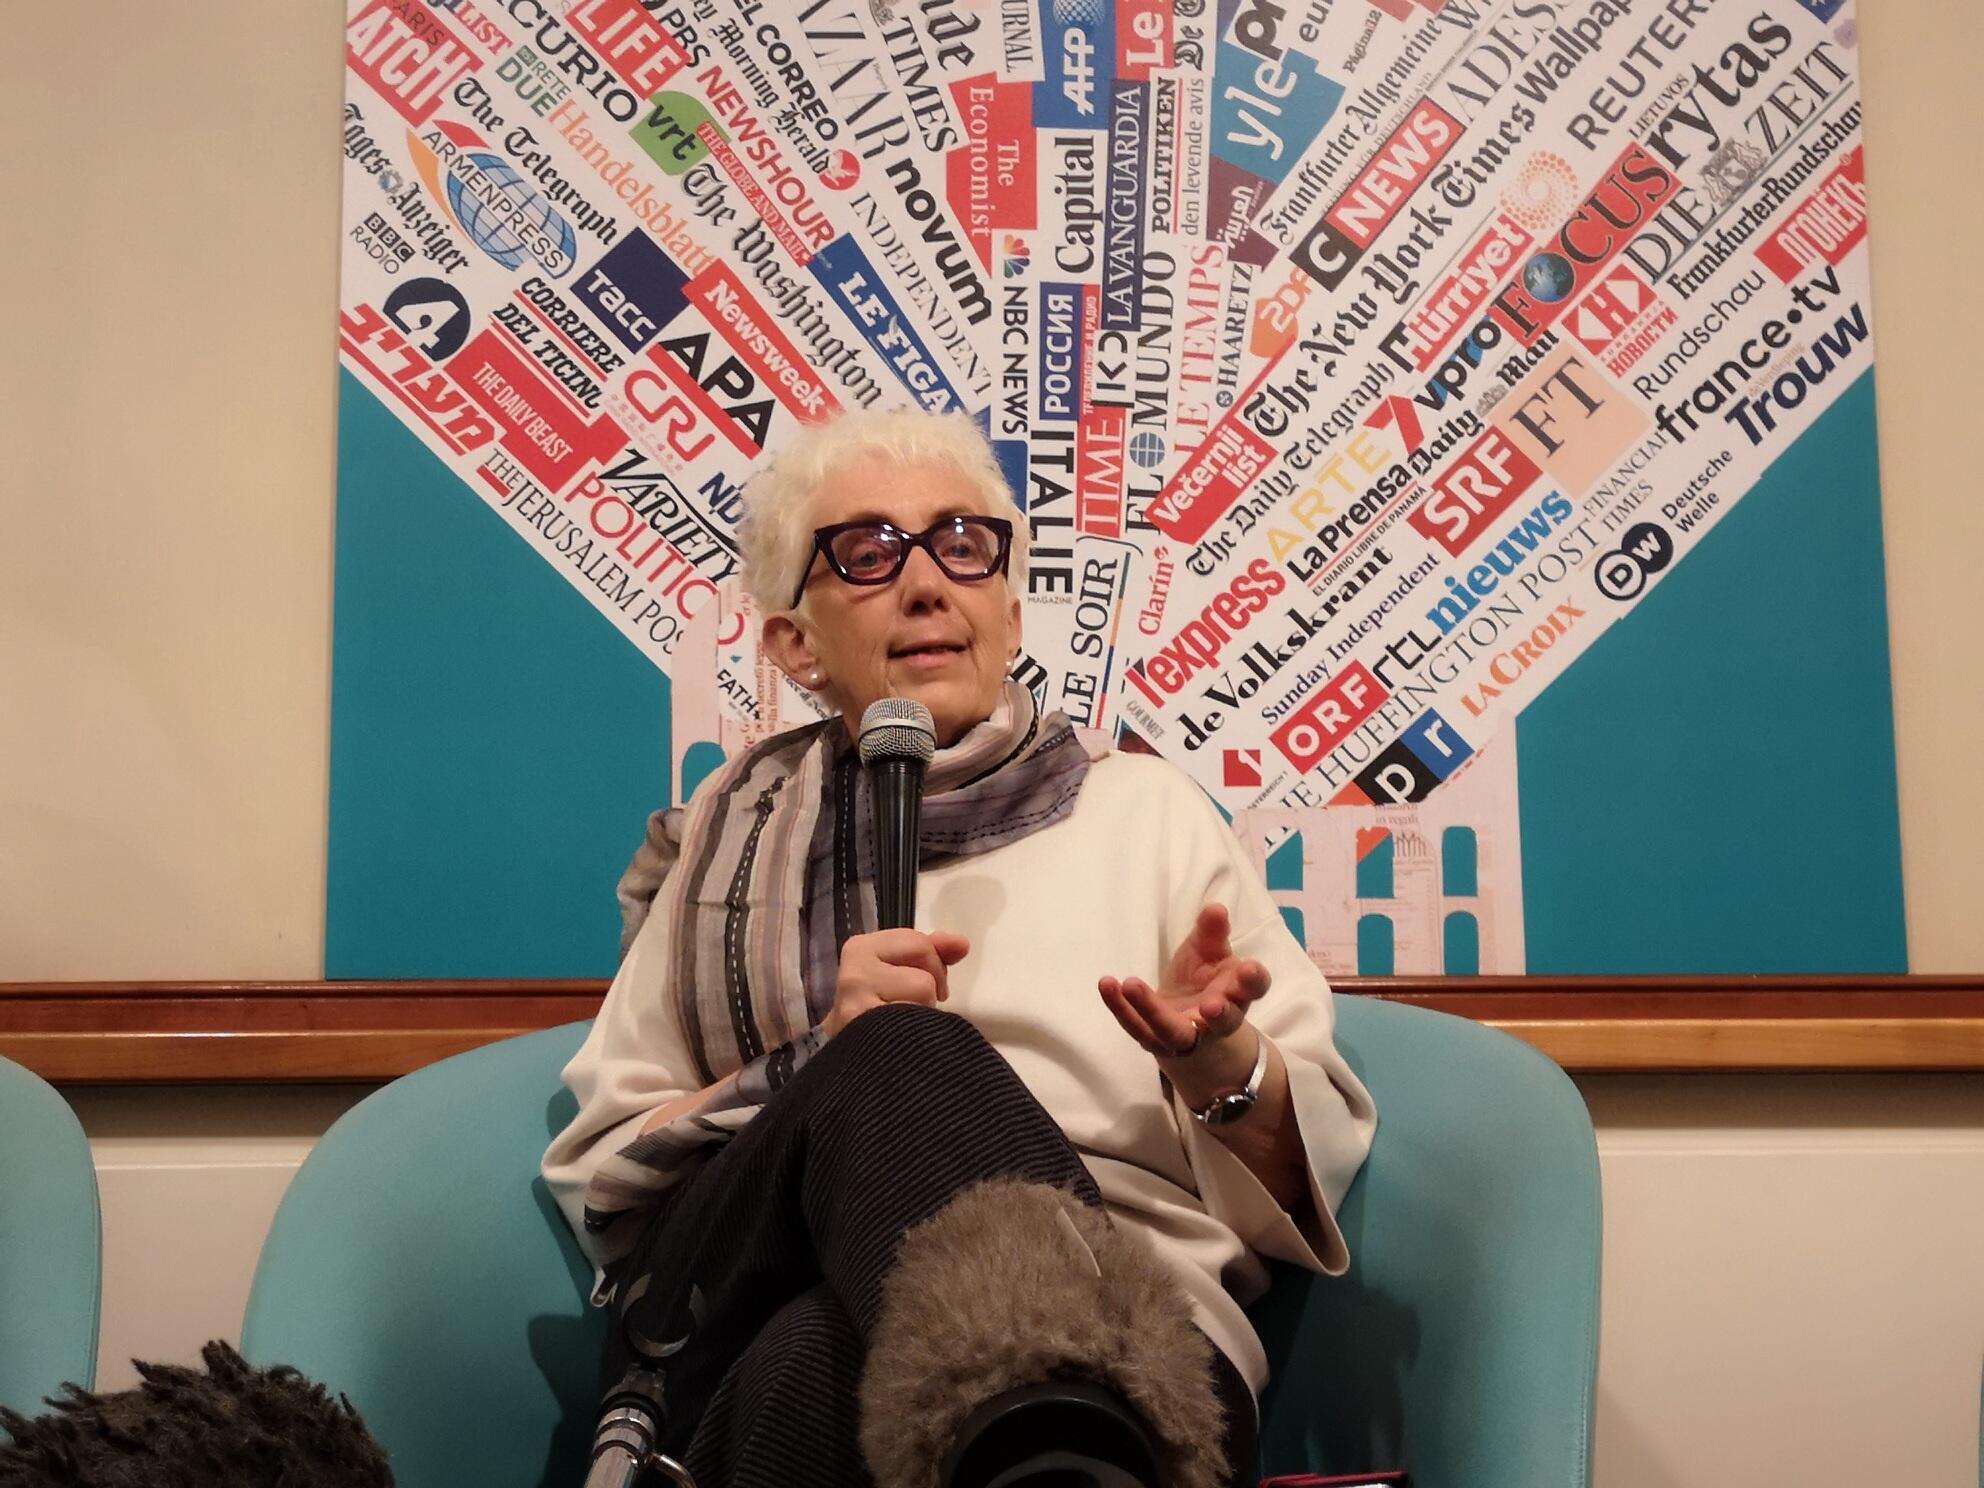 Lucetta Scaraffia, 70 anos, historiadora e jornalista católica feminista deu mais detalhes sobre os motivos que levaram a sua renúncia da revista.